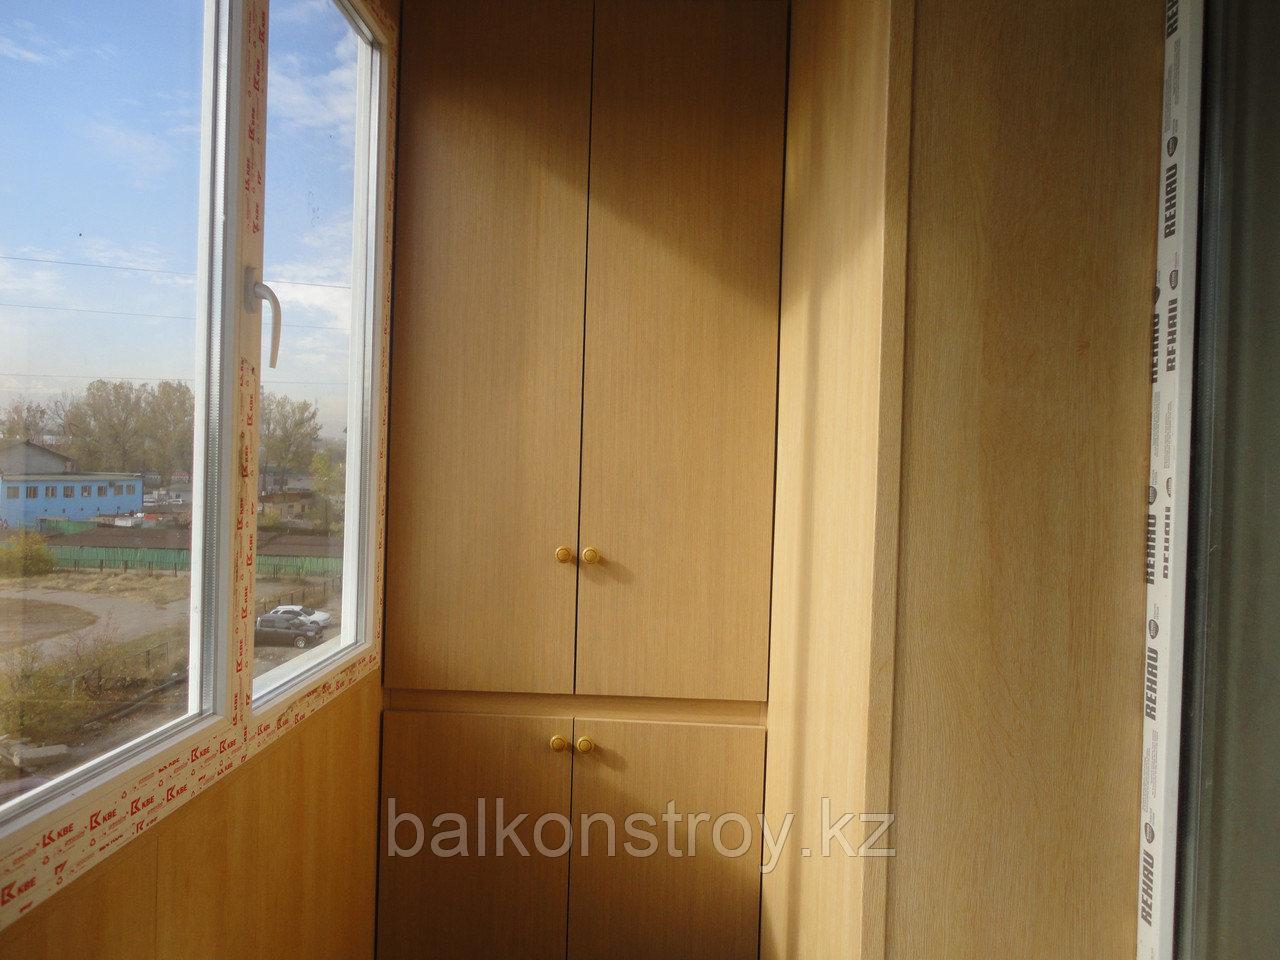 Остекление, утепление и  отделка балконов любой  сложности!